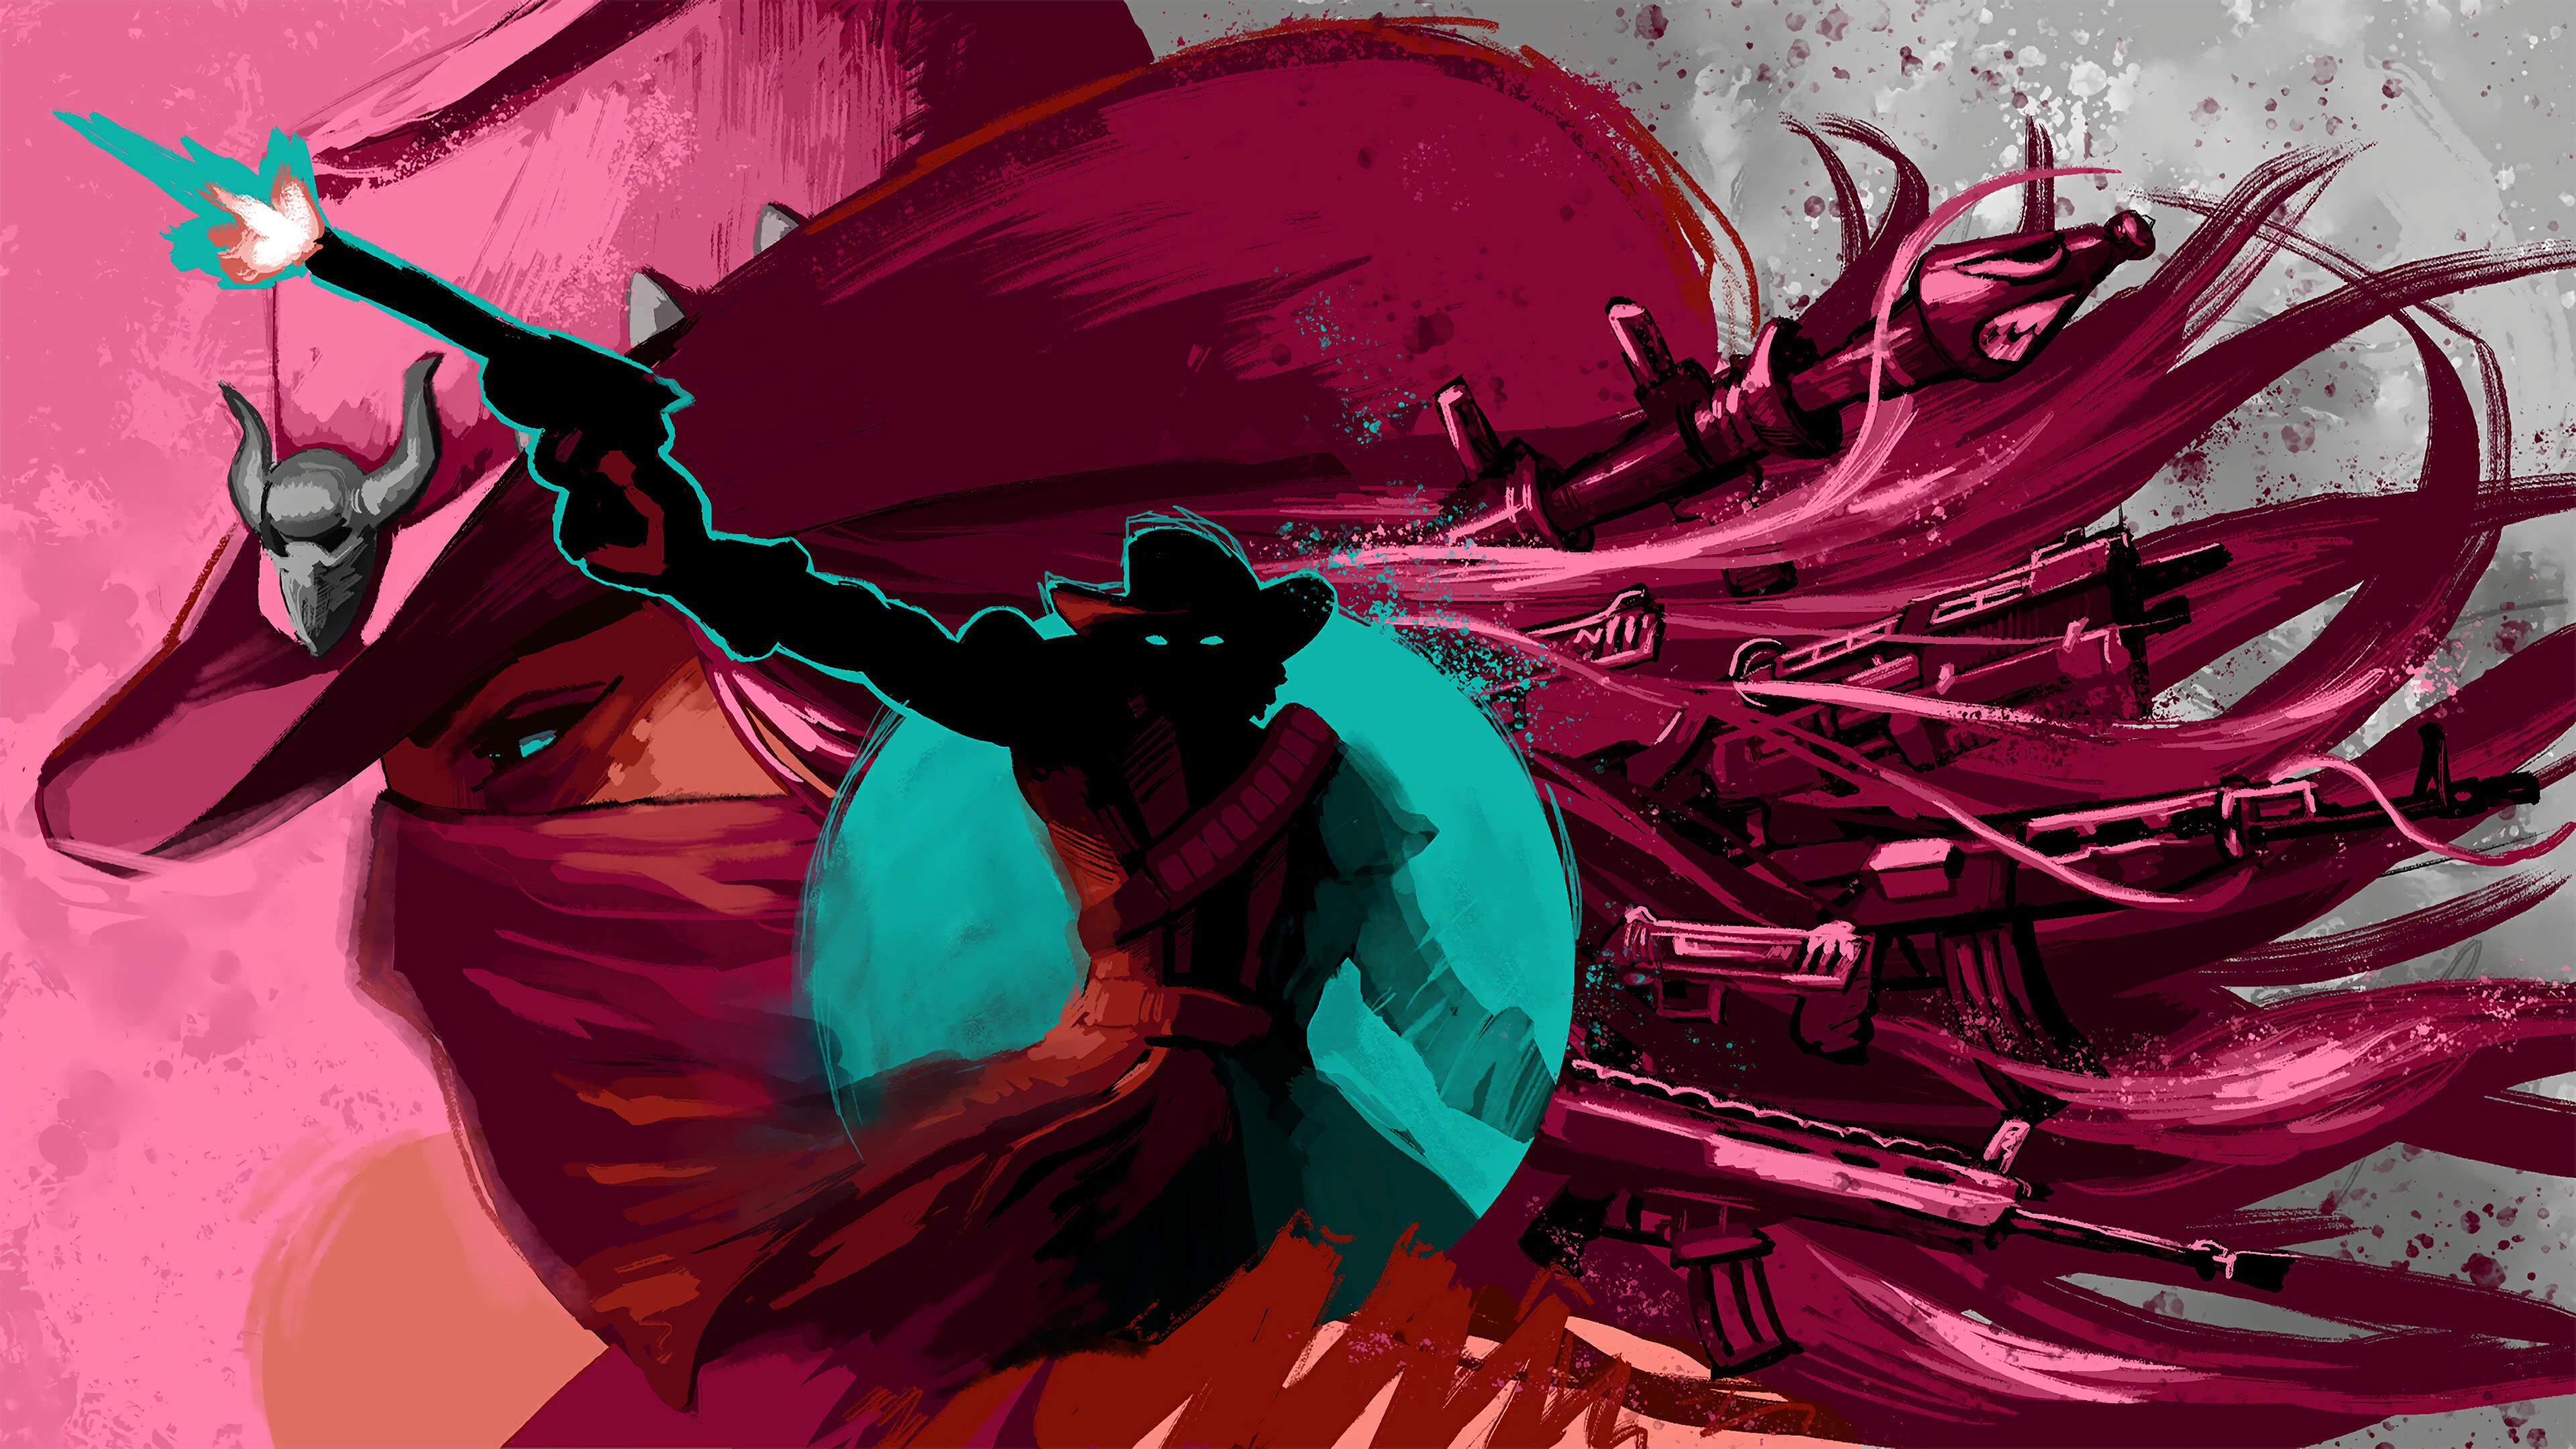 fortnite loading screen western wild duo uhd 4k wallpaper